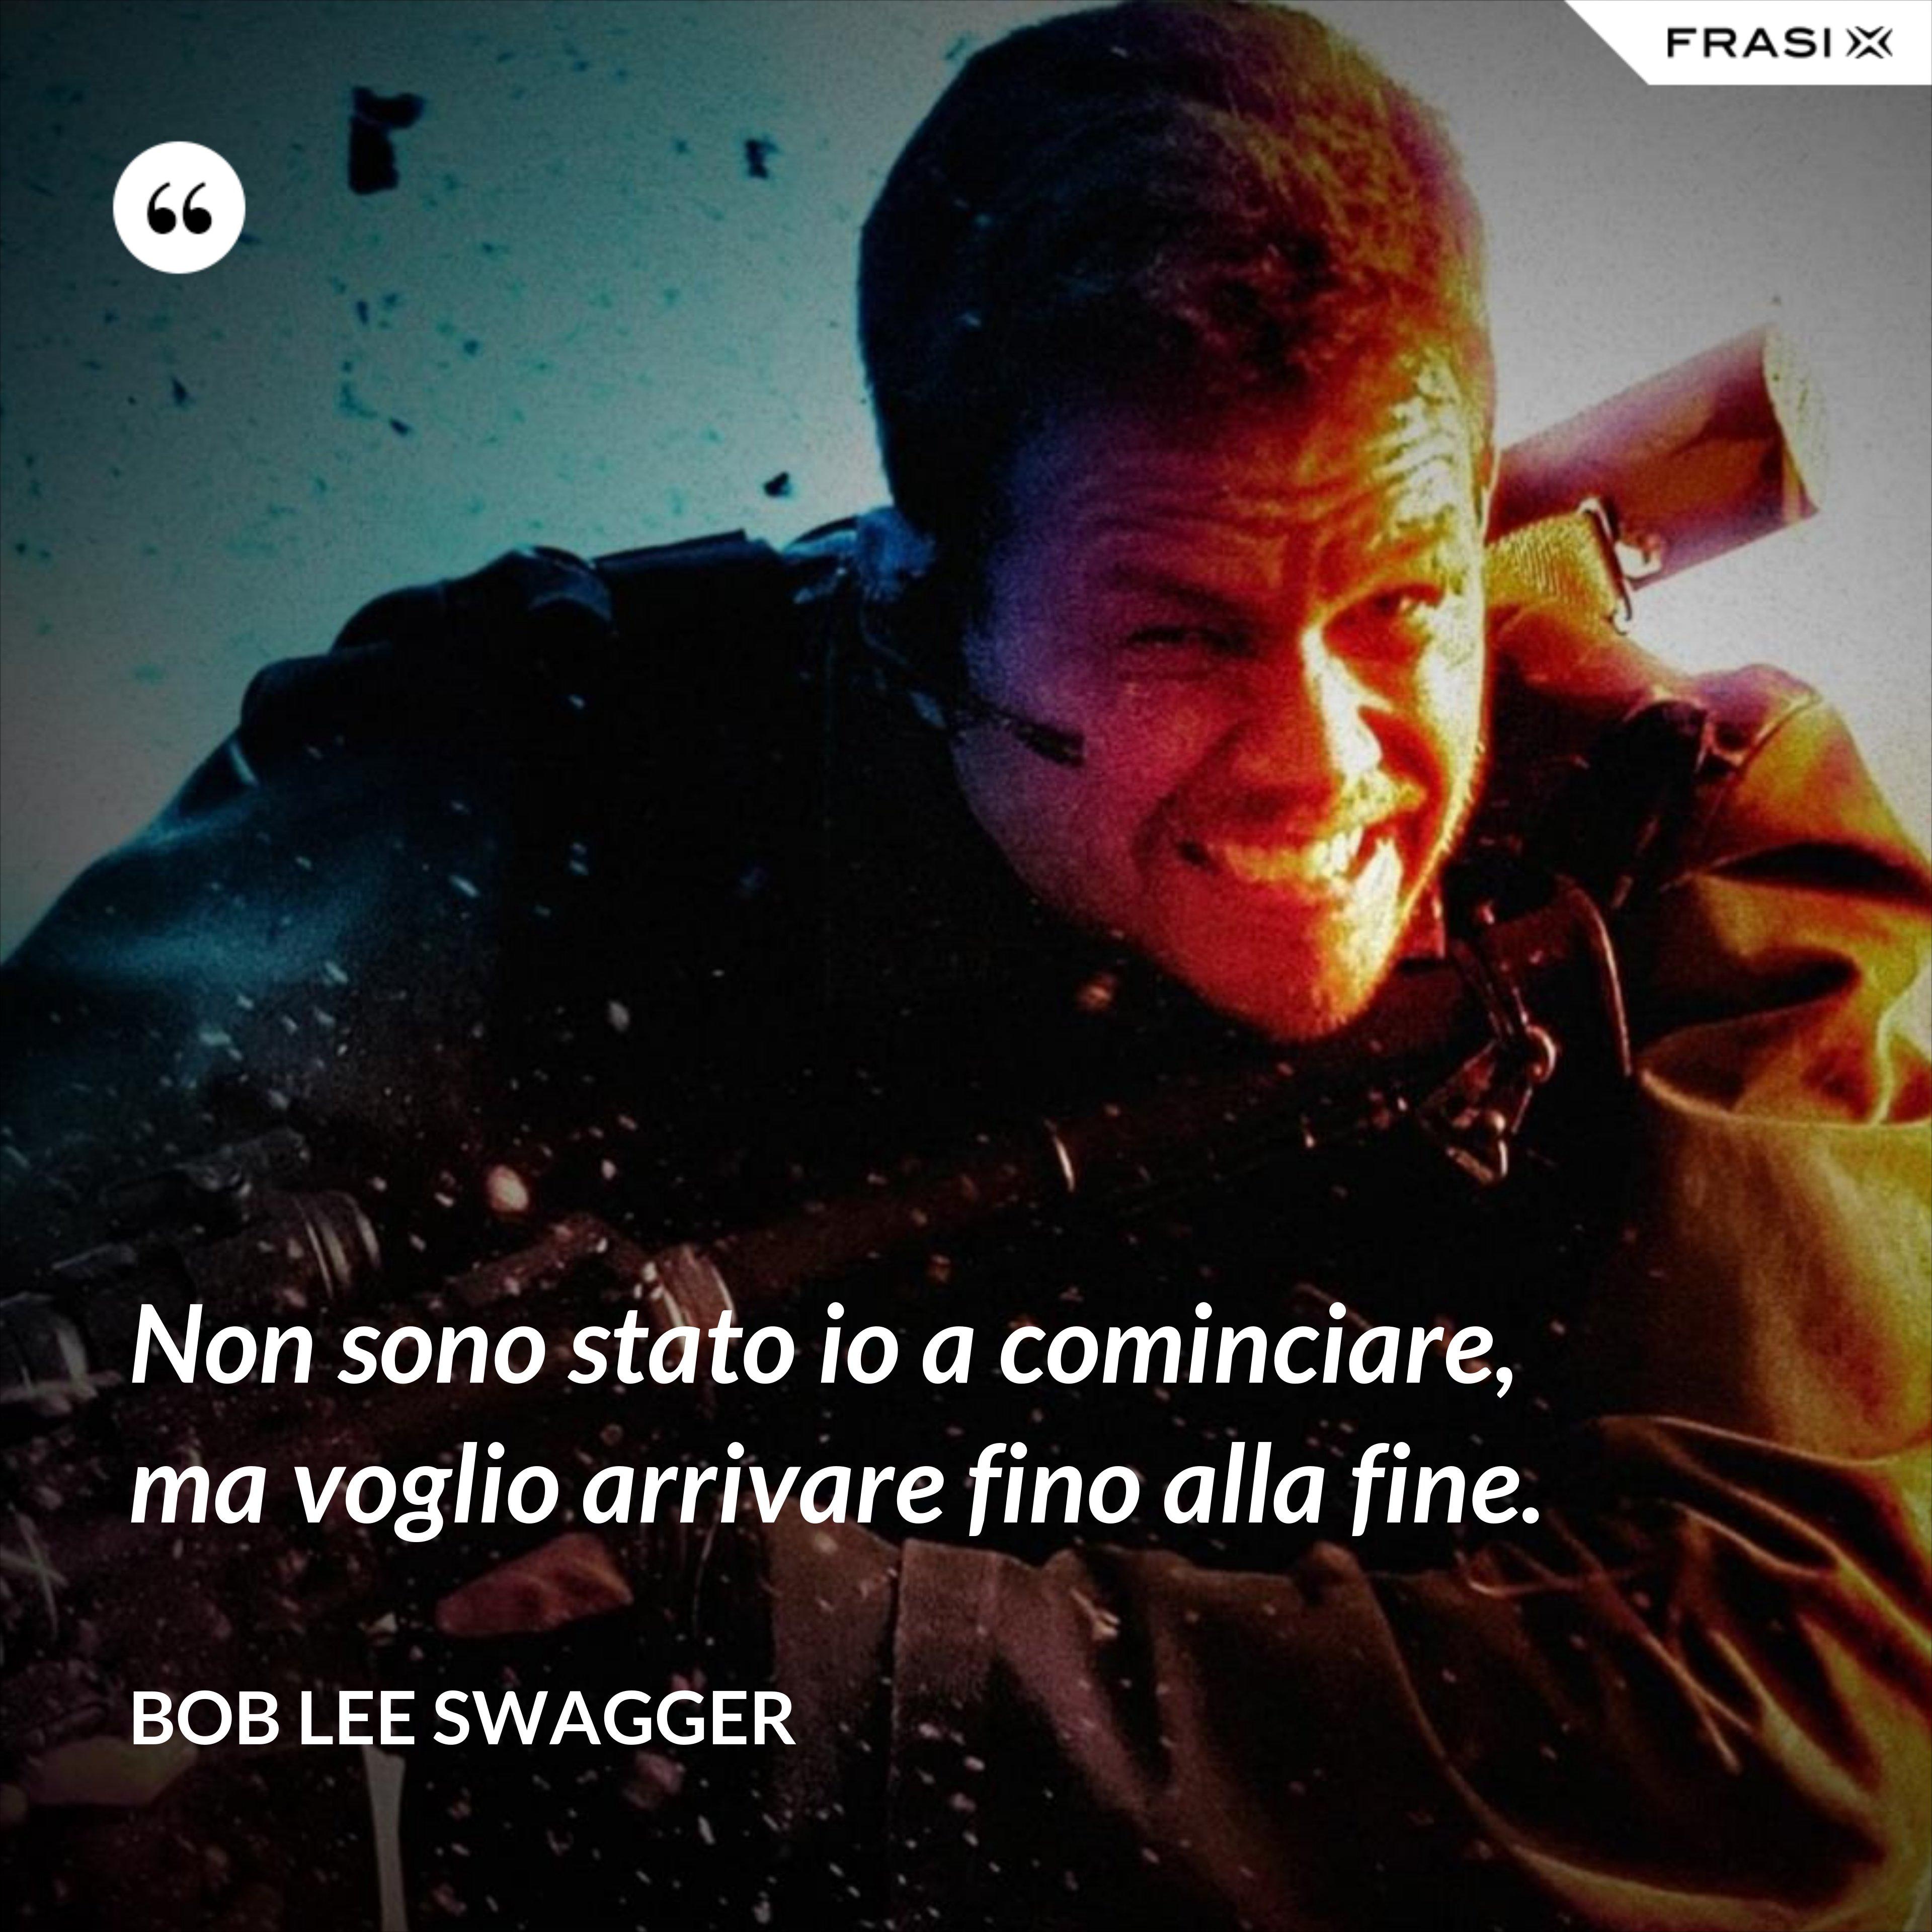 Non sono stato io a cominciare, ma voglio arrivare fino alla fine. - Bob Lee Swagger